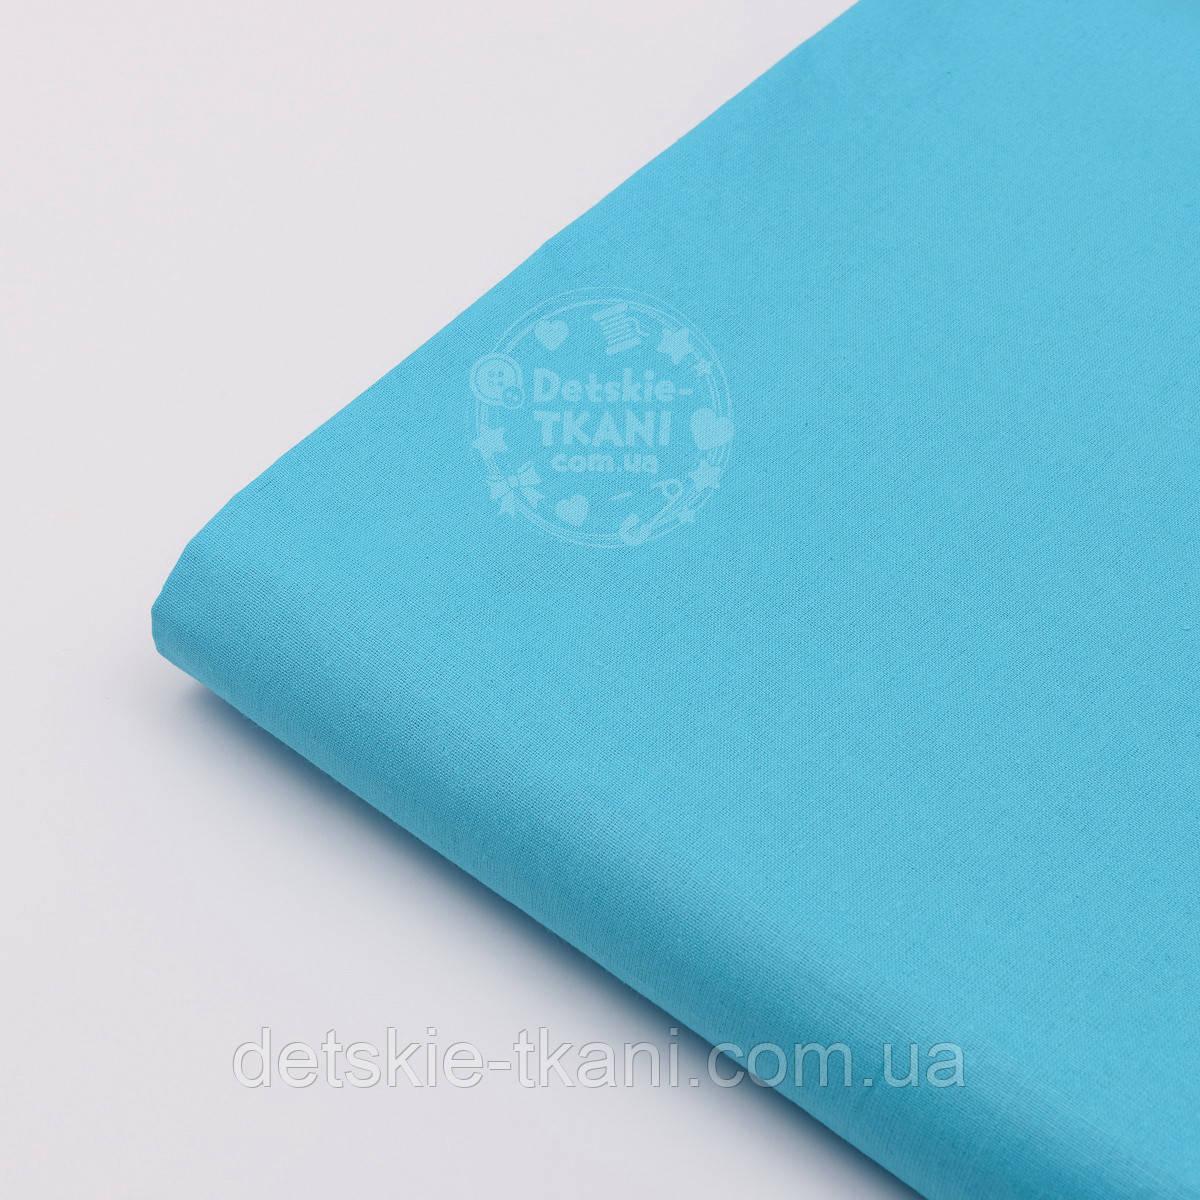 Лоскут ткани №266 однотонная лазурного цвета, размер 21*160 см